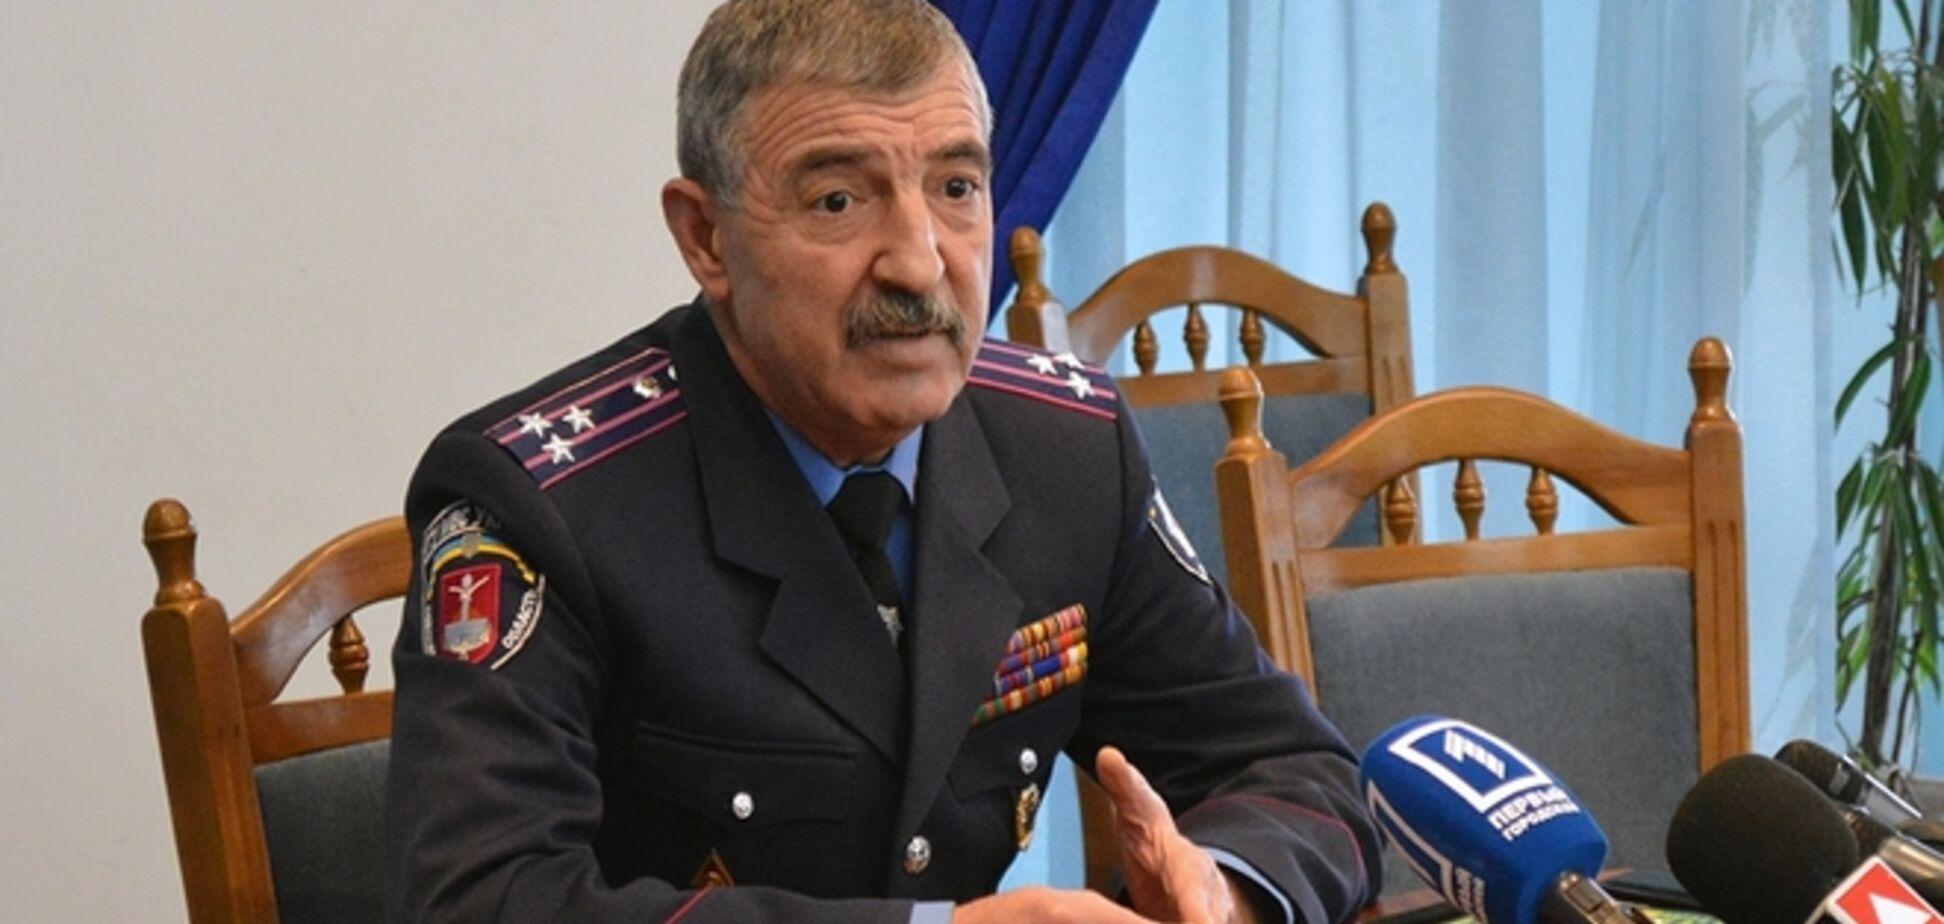 Экс-глава одесской милиции Фучеджи не задержан, а вызван на допрос